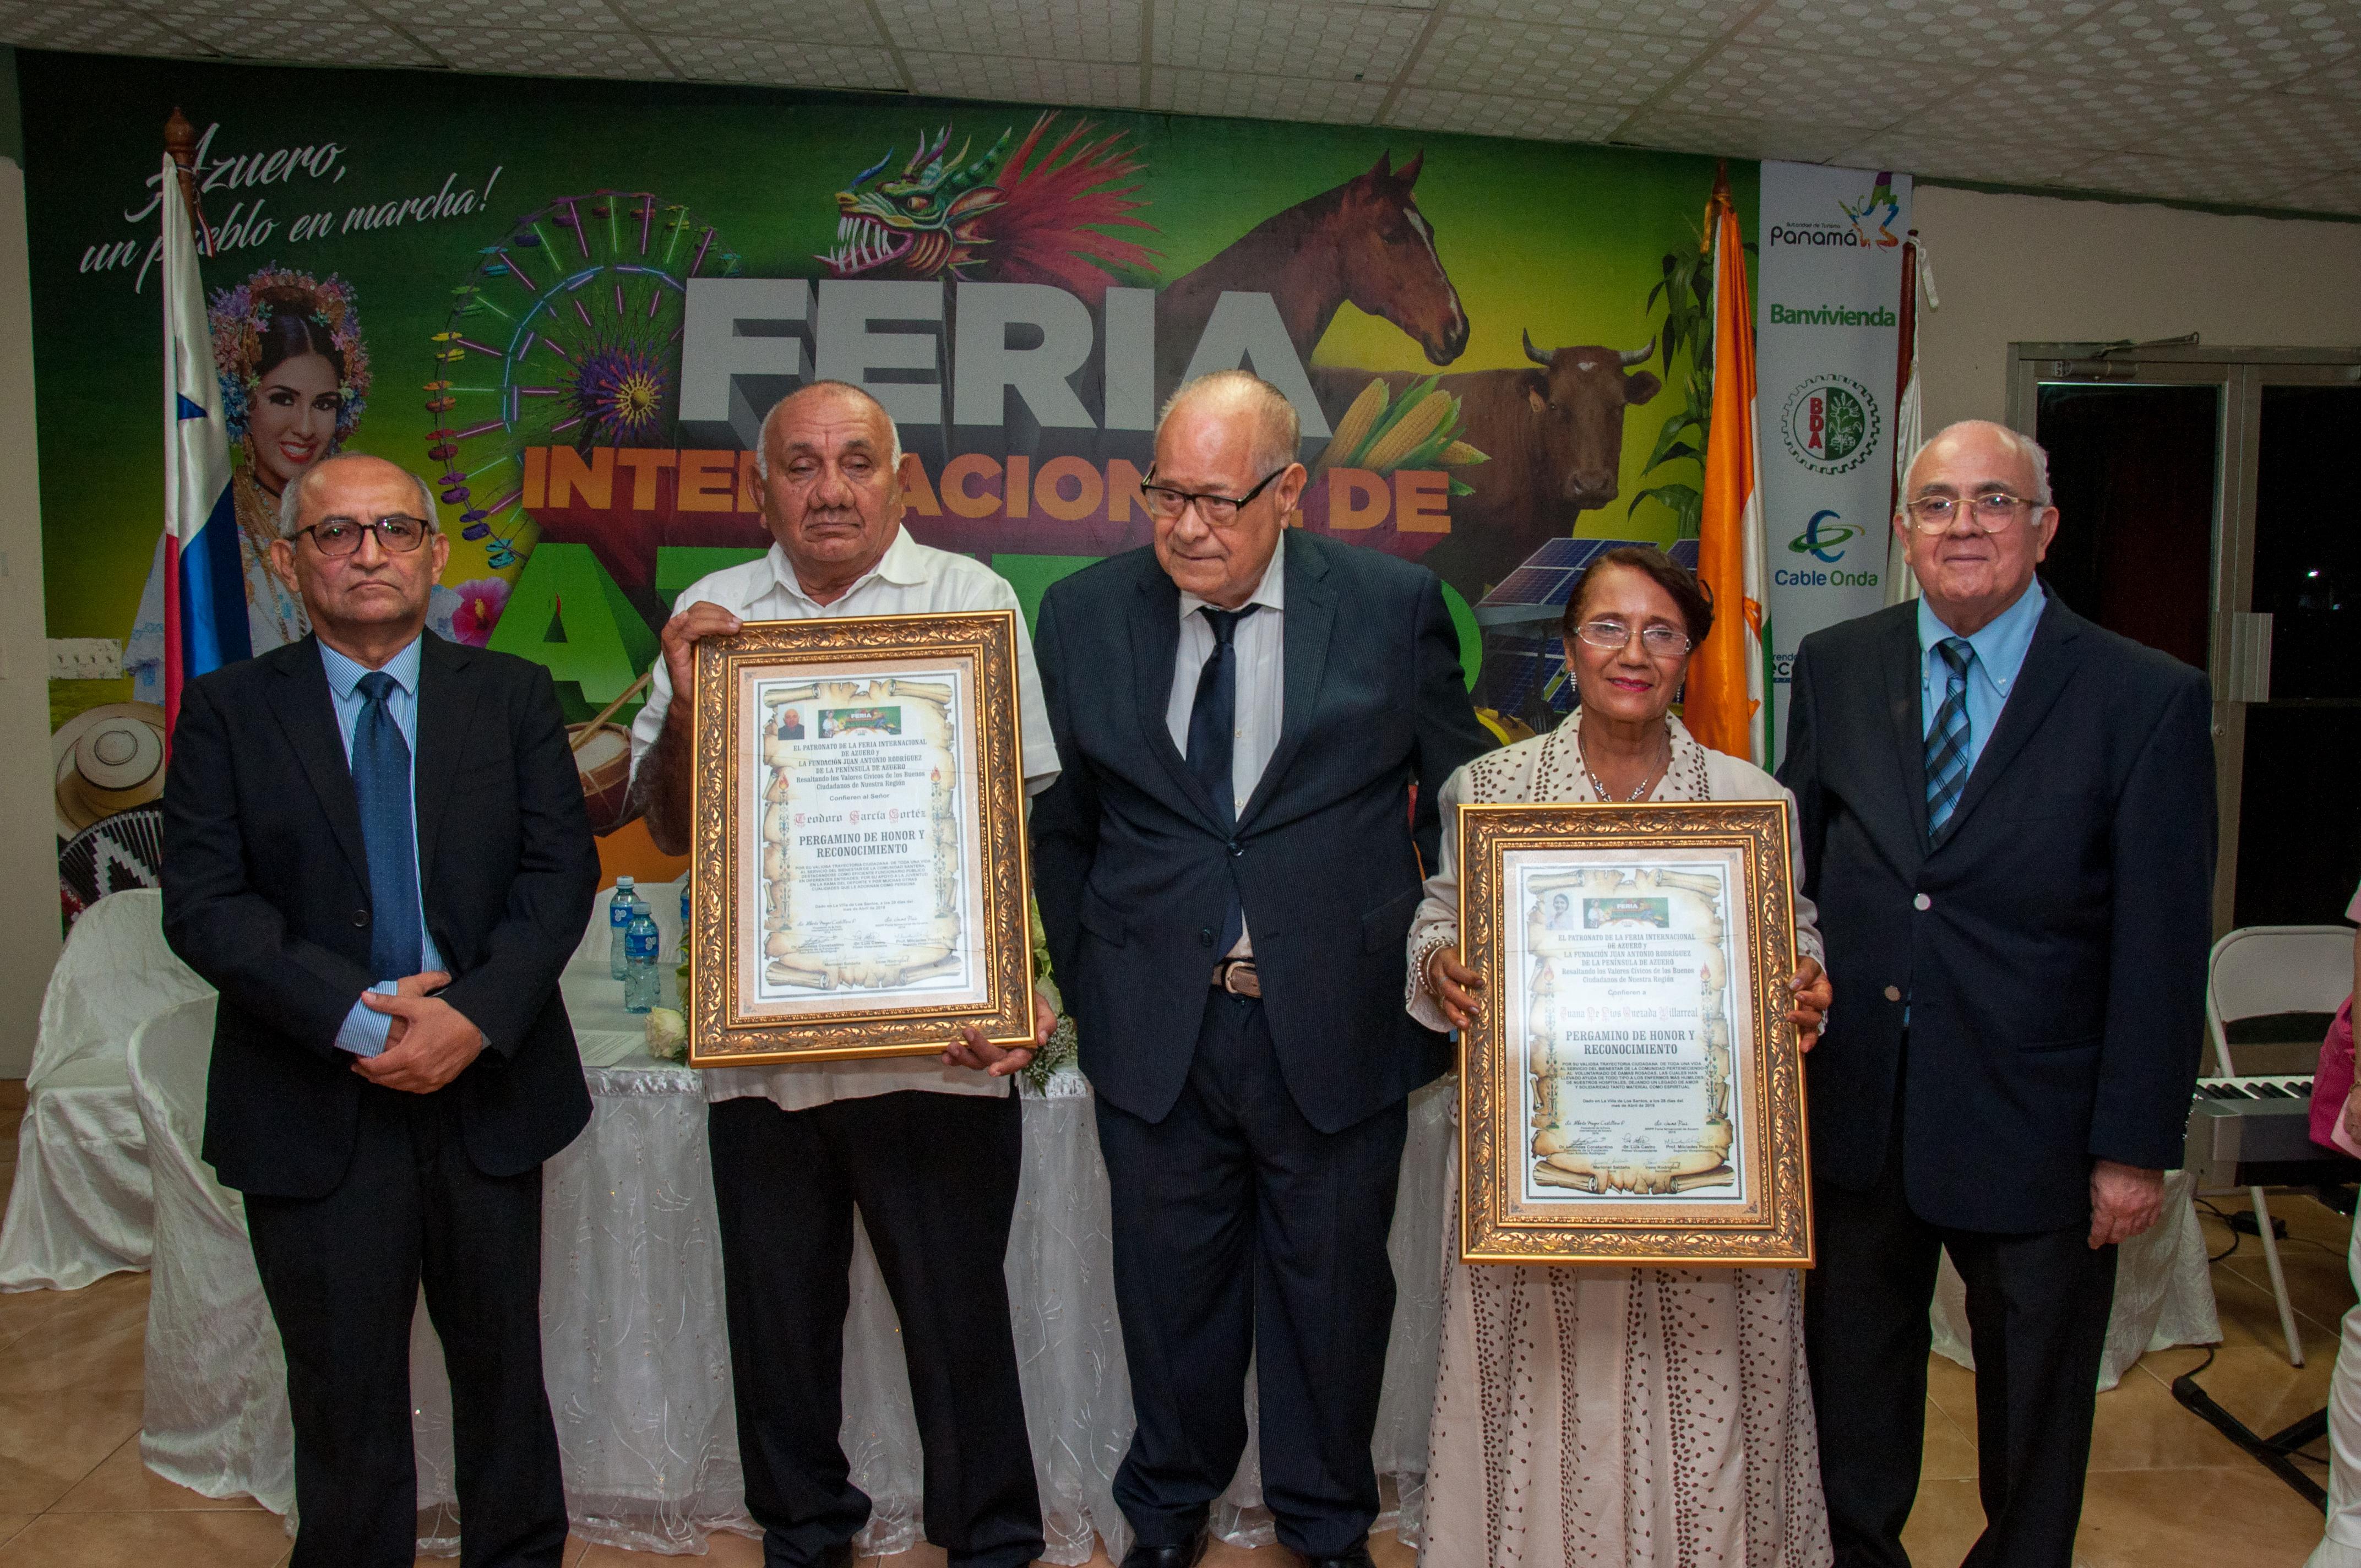 HOMENAJE DE LA FUNDACIÓN JUAN ANTONIO RODRÍGUEZ.  AL SEÑOR TEODORO GARCÍA CORTEZ POR LA PROVINCIA DE LOS SANTOS Y A LA SEÑORA JUANA DE DIOS QUEZADA DE LAS DAMAS ROSADAS POR LA PROVINCIA DE HERRERA